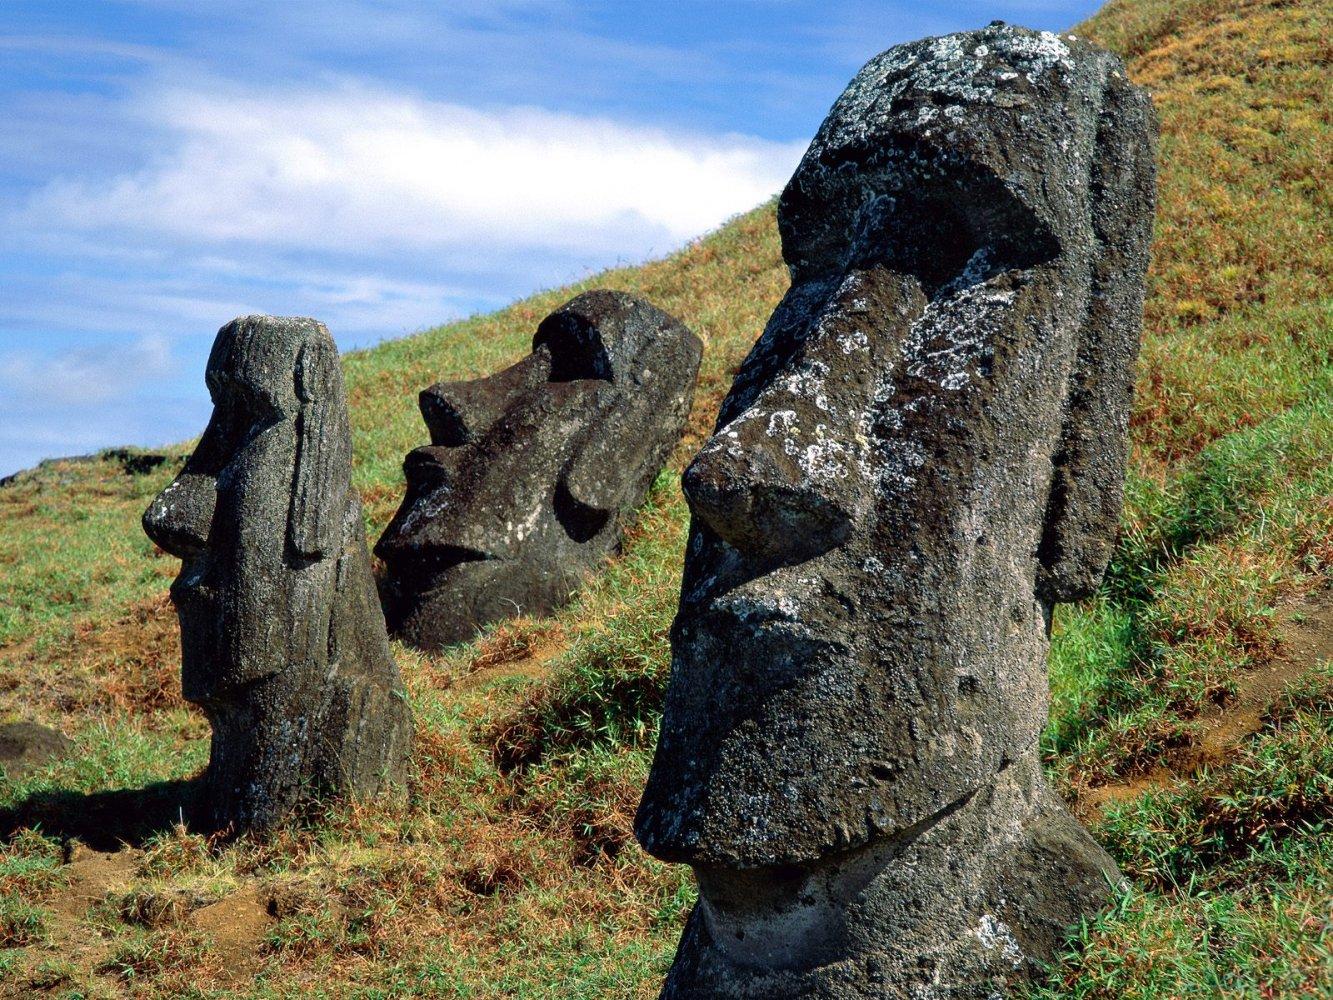 Фото Моаи на отдыхе. Чили, Valparaiso, Исла де Паскуа, Camino Vaitea Anakena